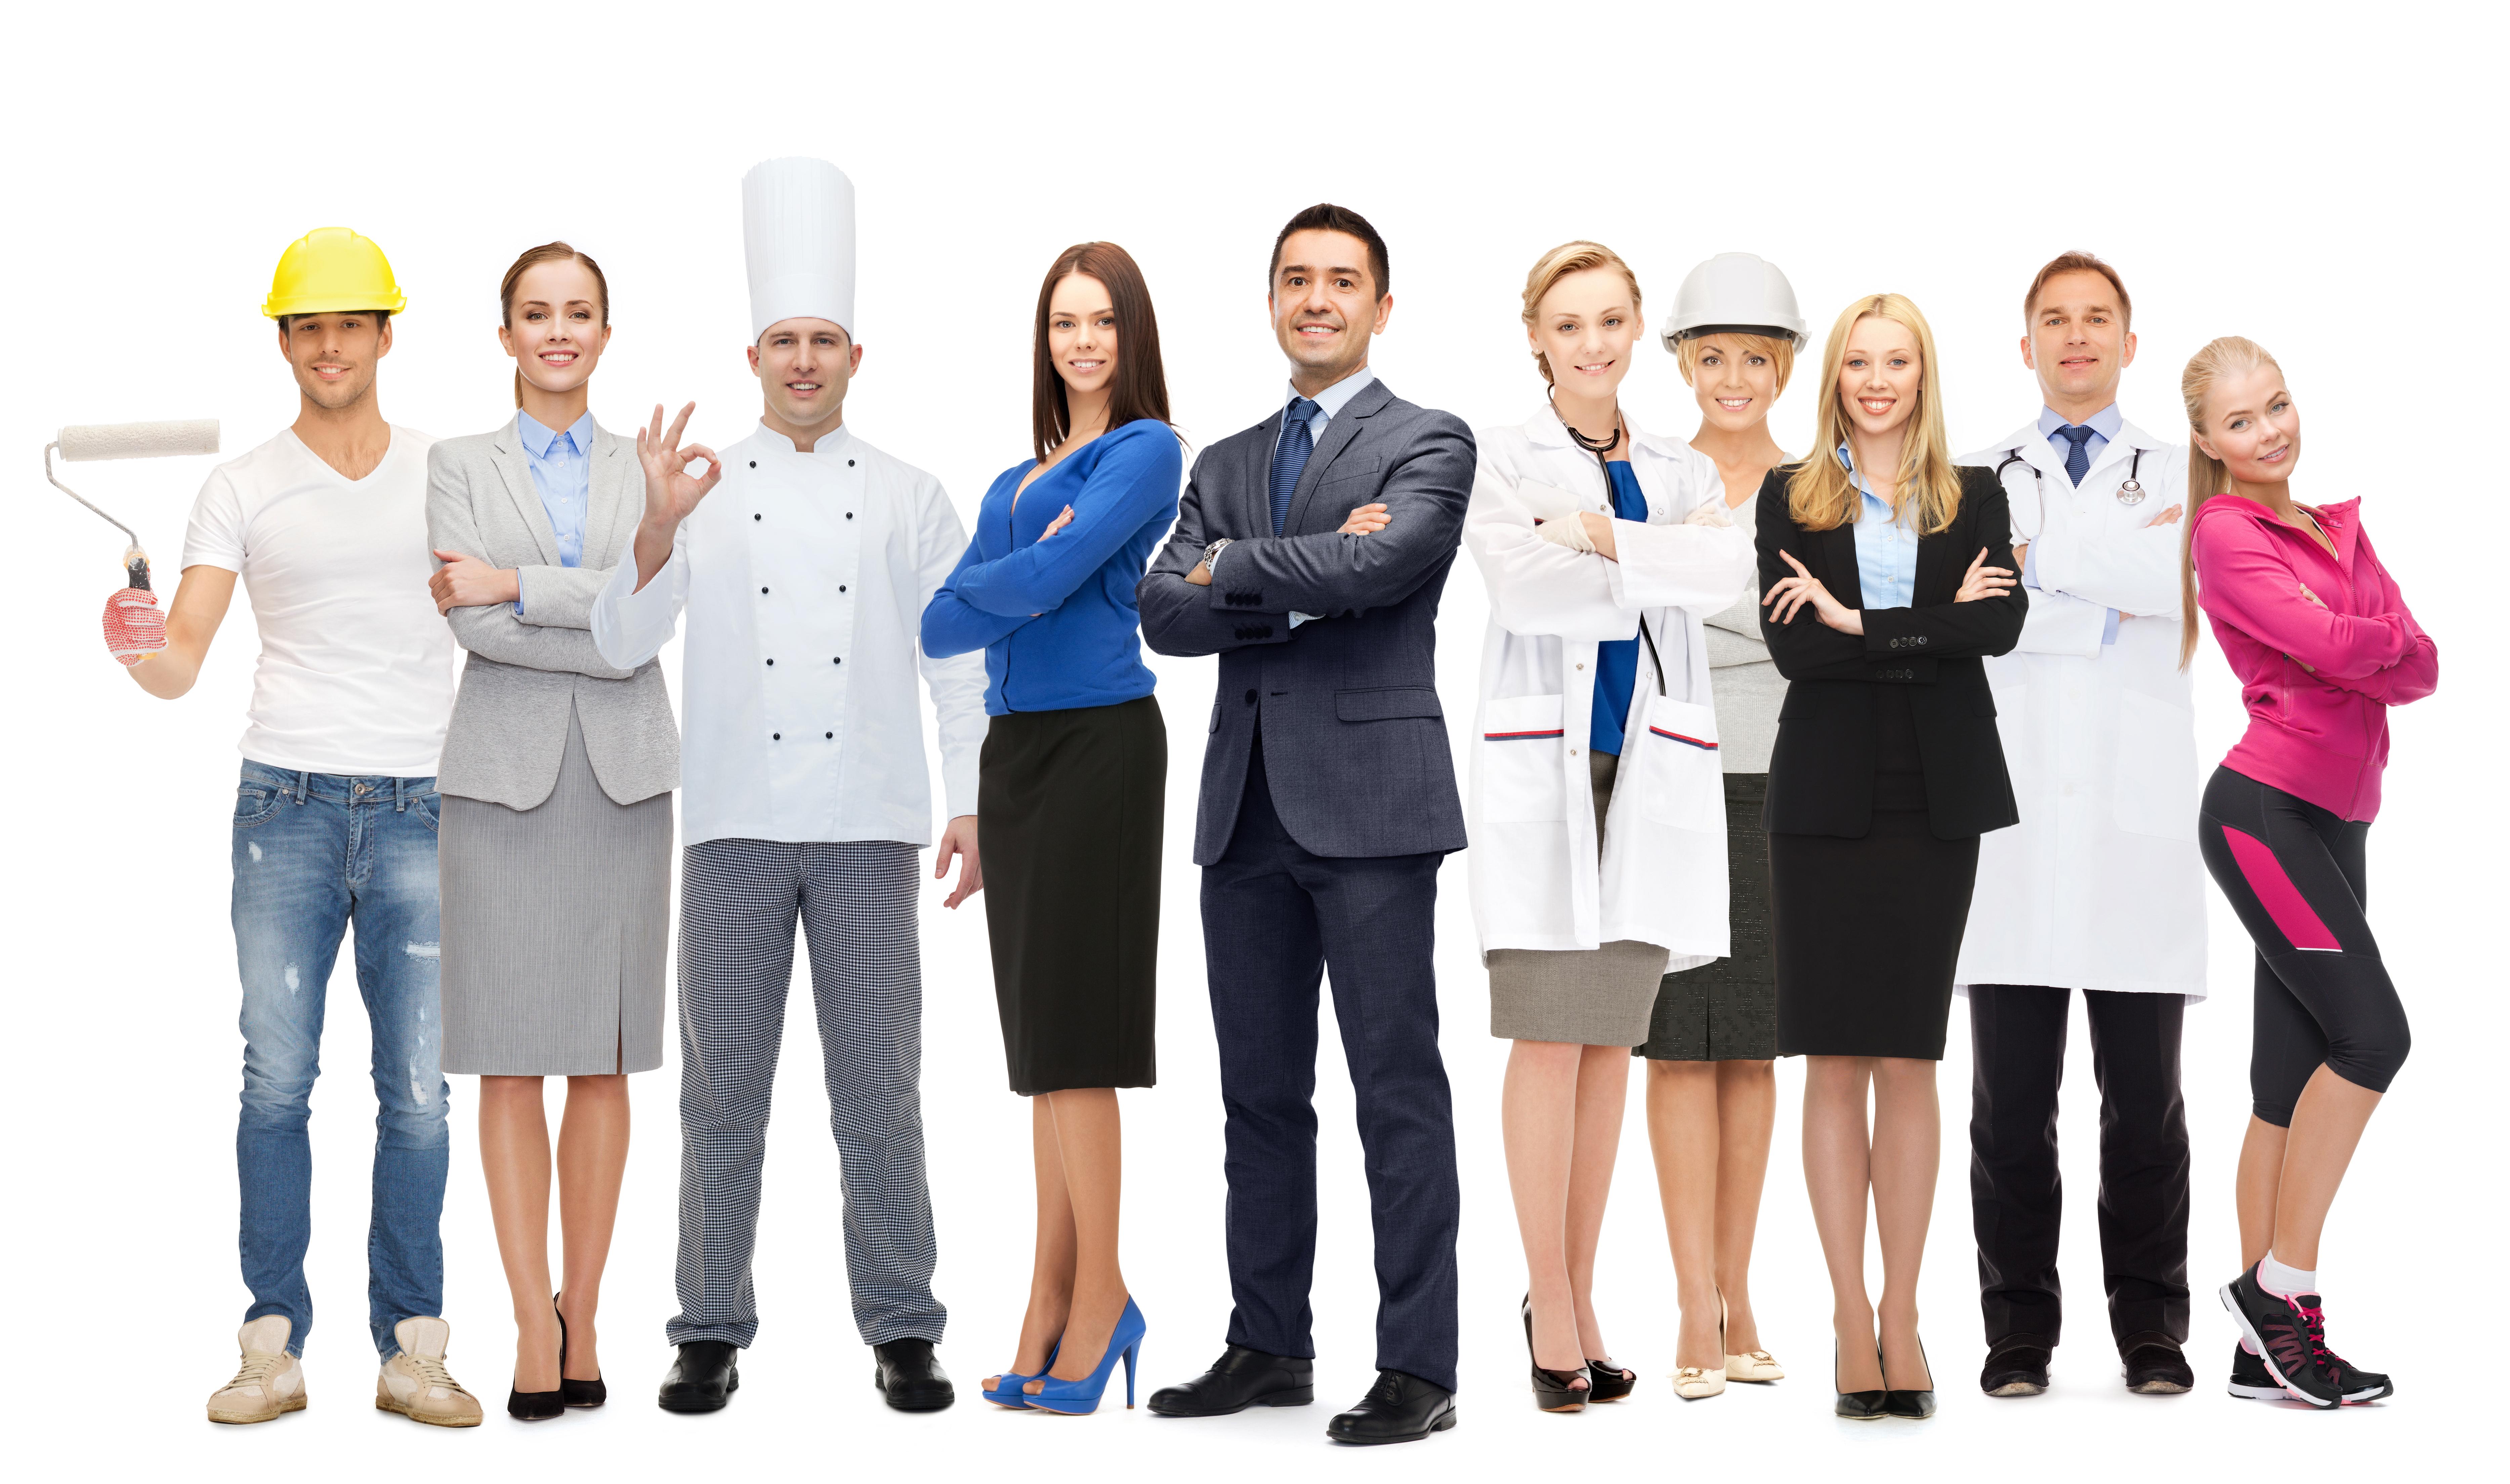 Представители самых популярных профессий в Европе